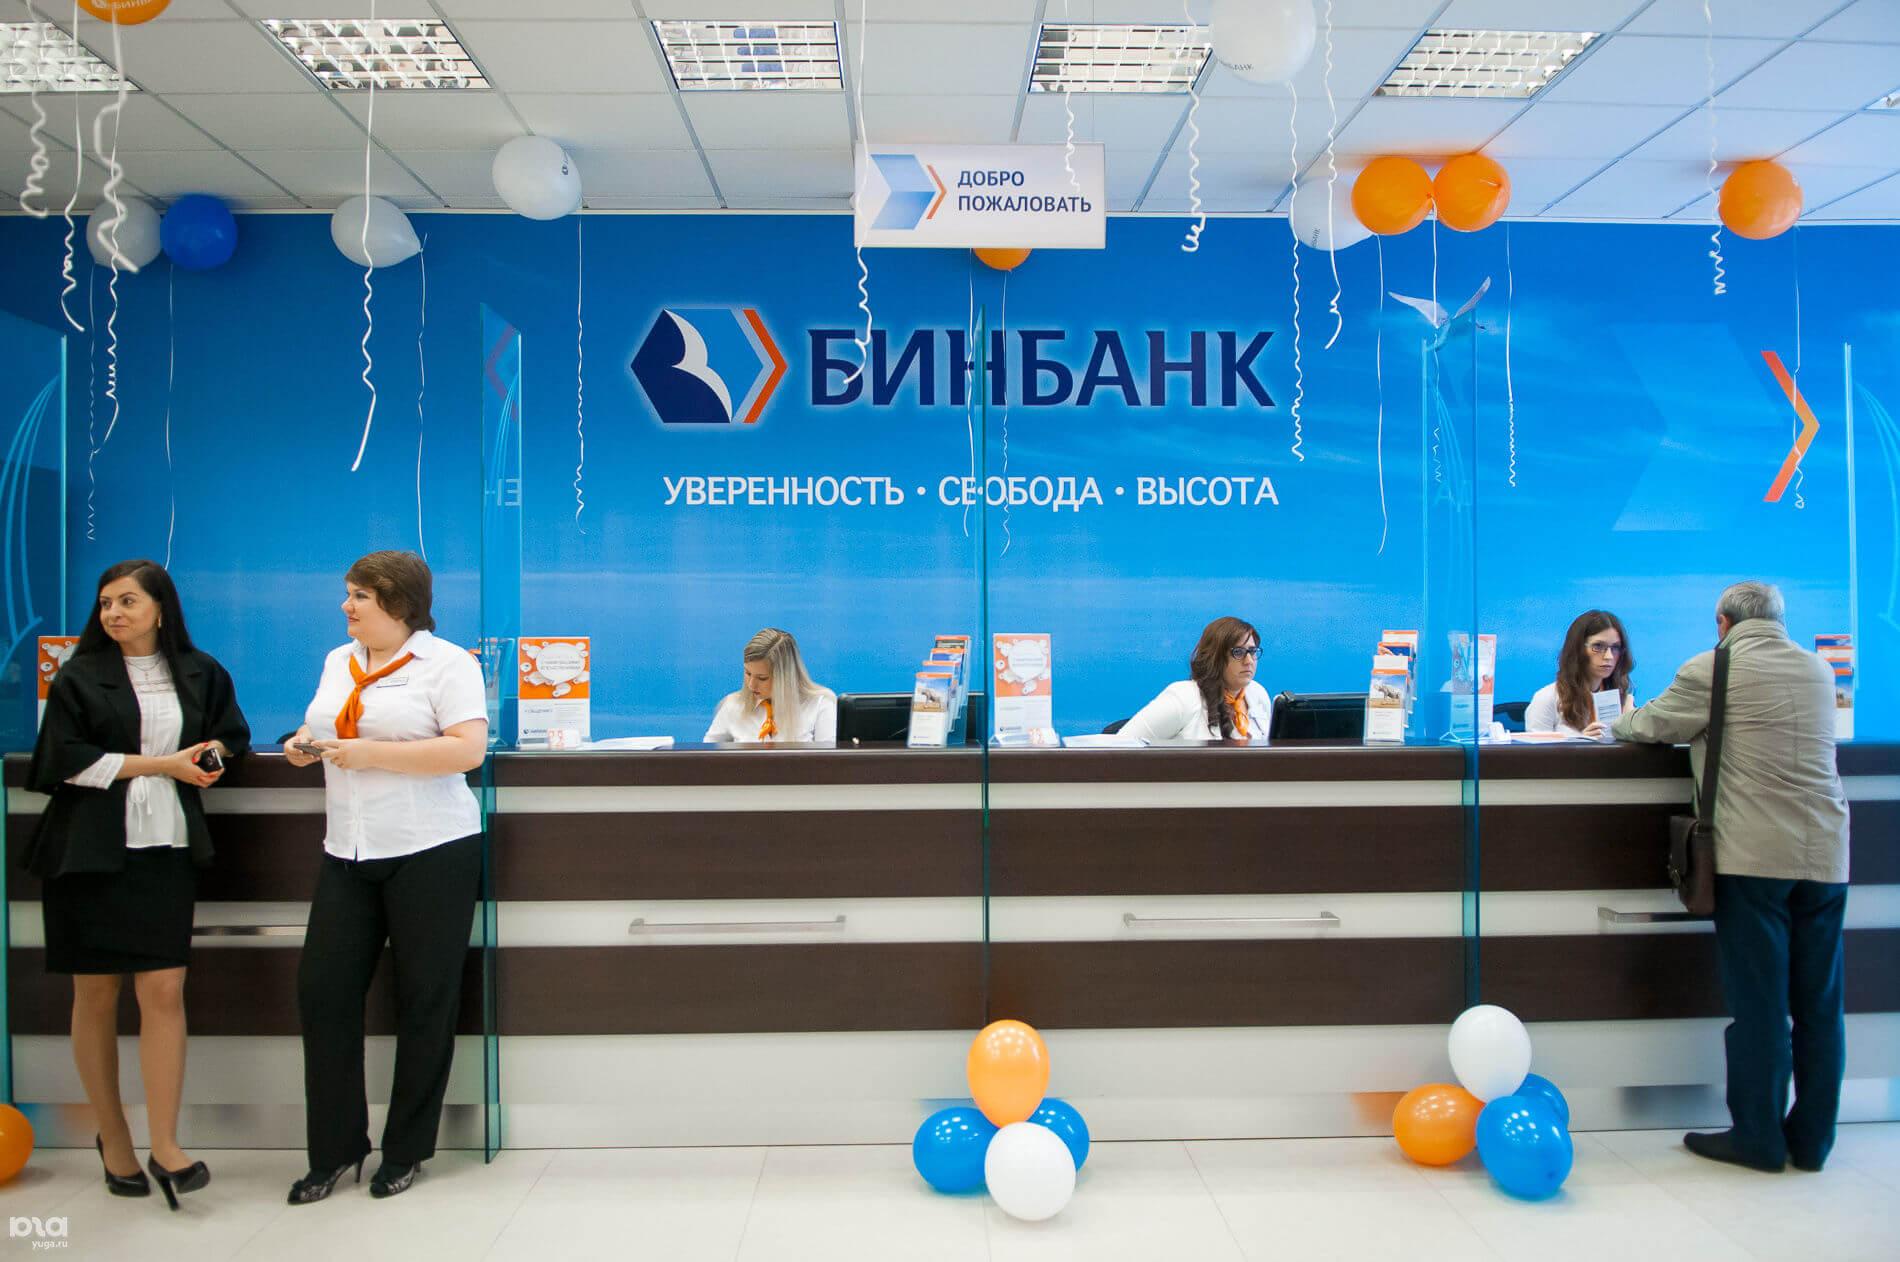 Взыскание похищенного вклада из БИН Банка с правопреемника